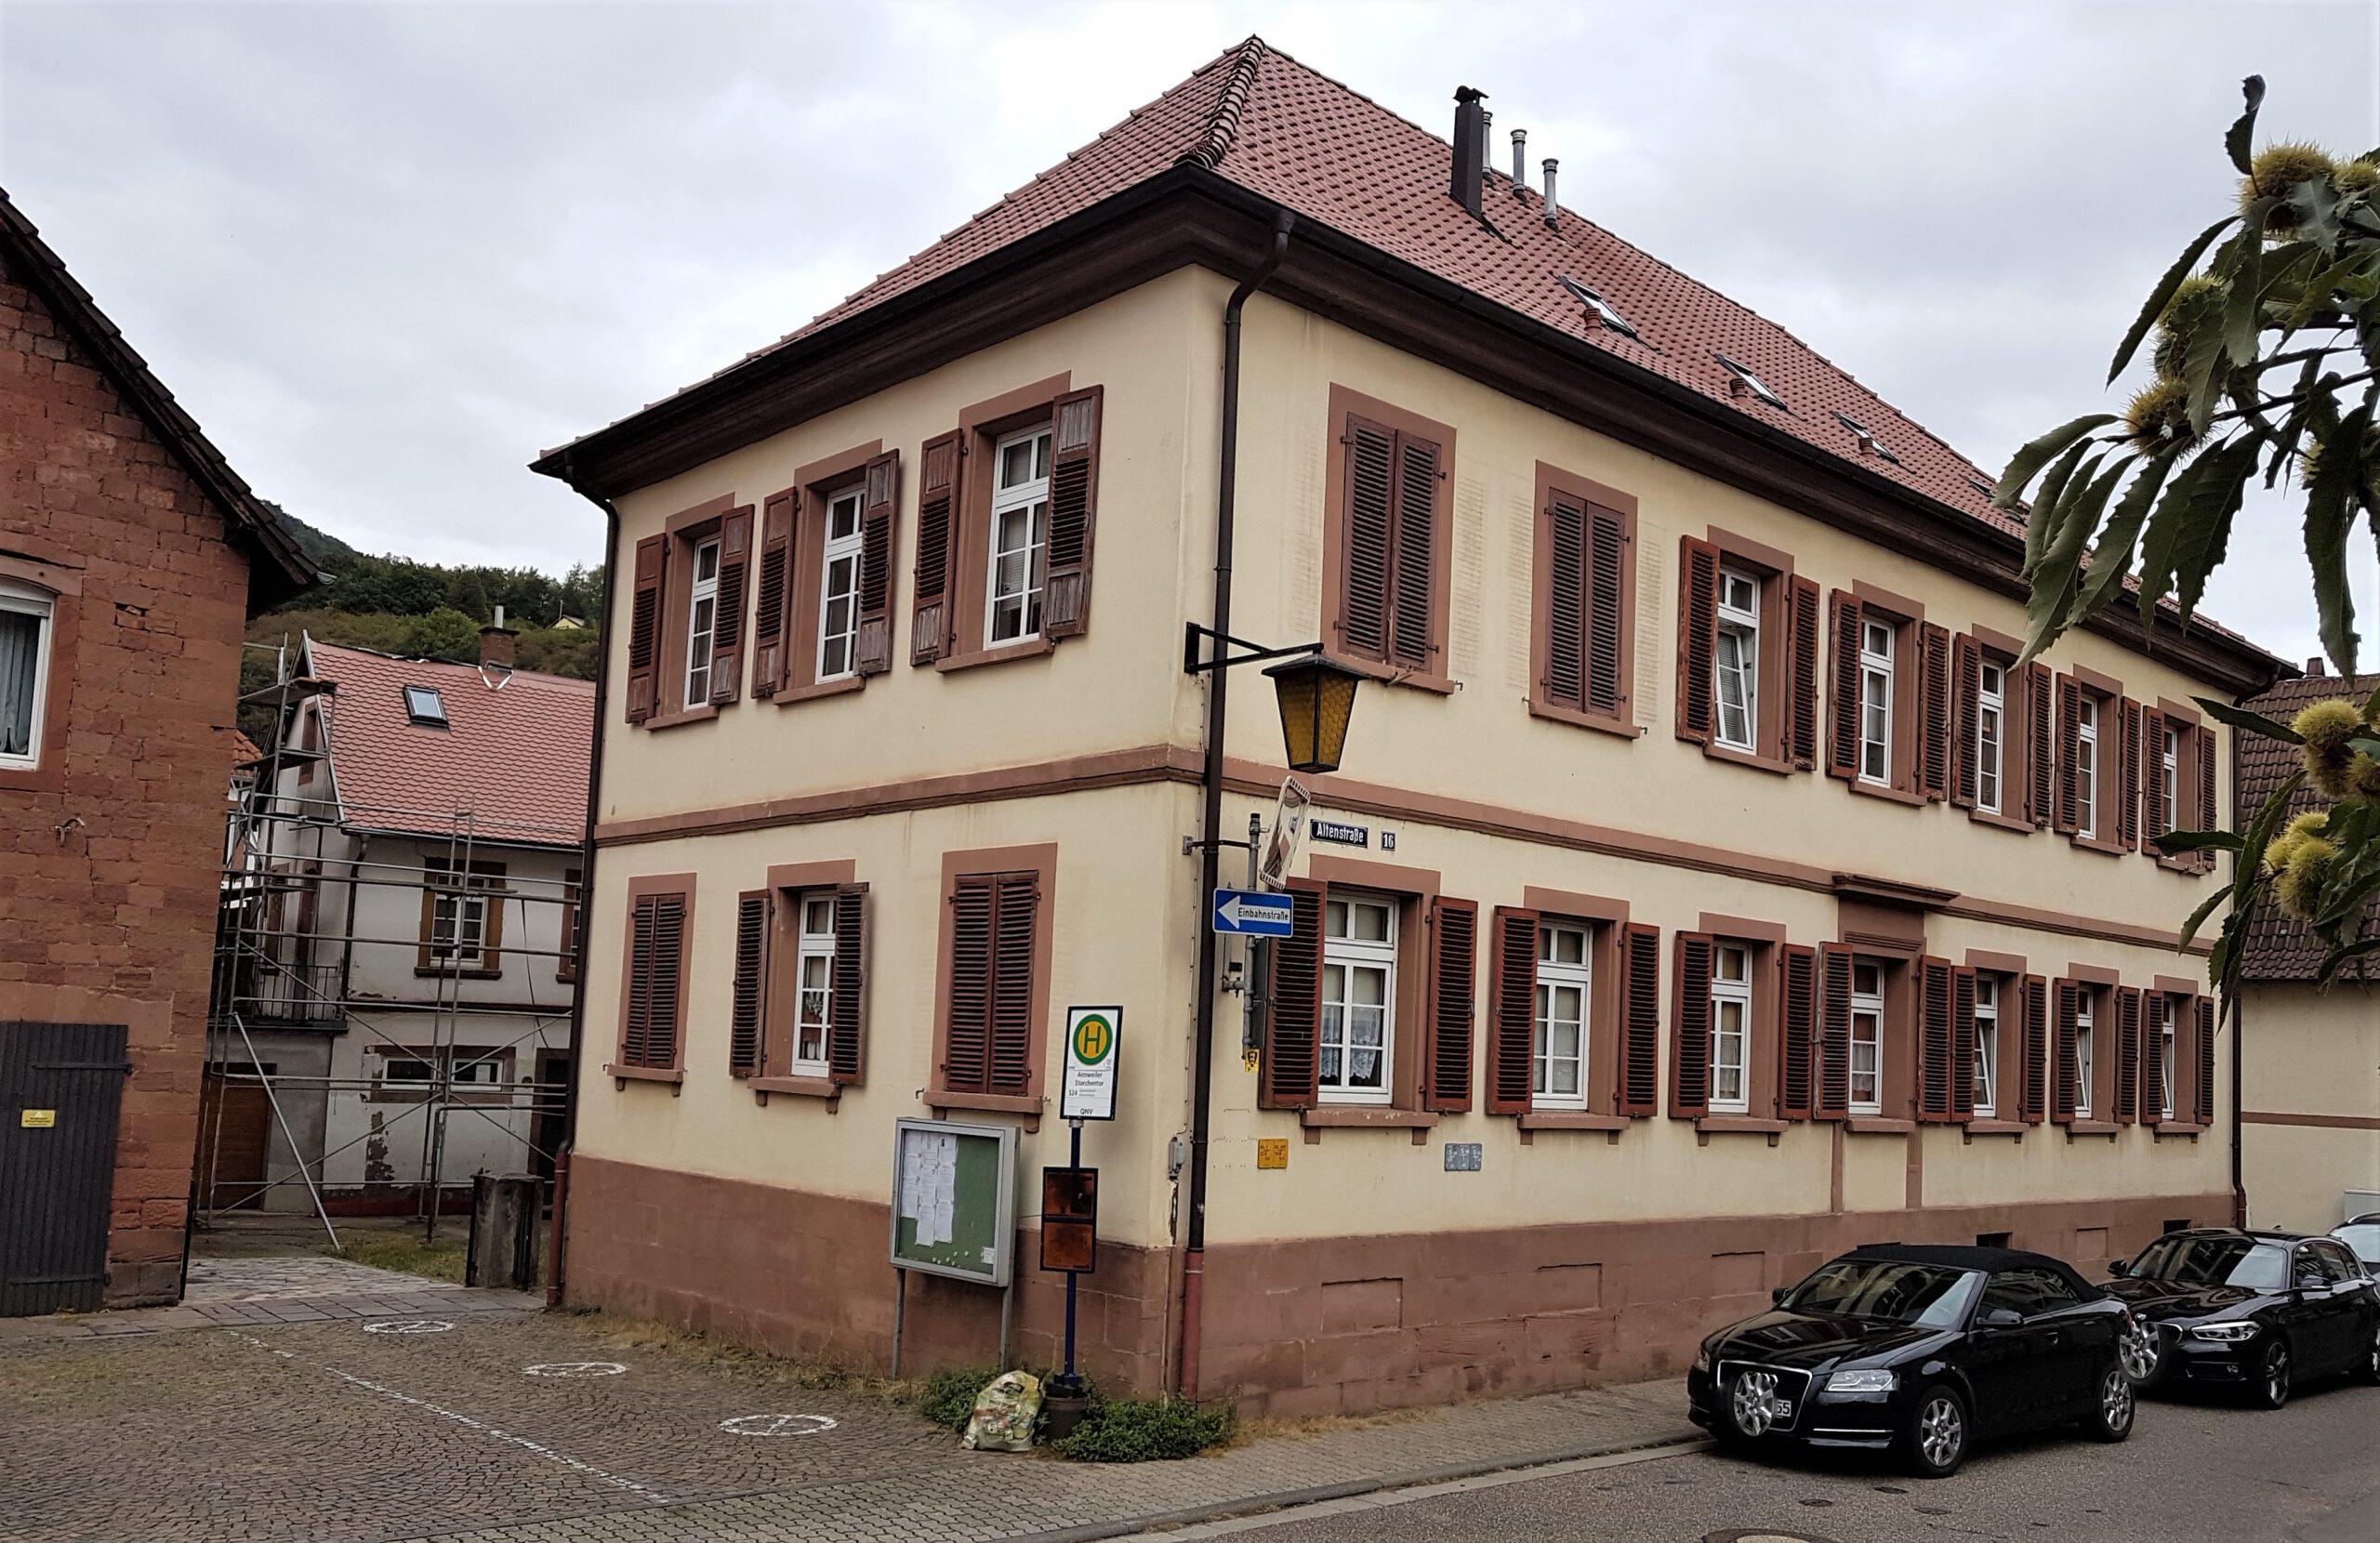 Stadtrat Annweiler. Sitzung des Bau- und Planungsausschusses.Verkauf der stadteigenen Immobilie Altenstrasse 16 noch offen